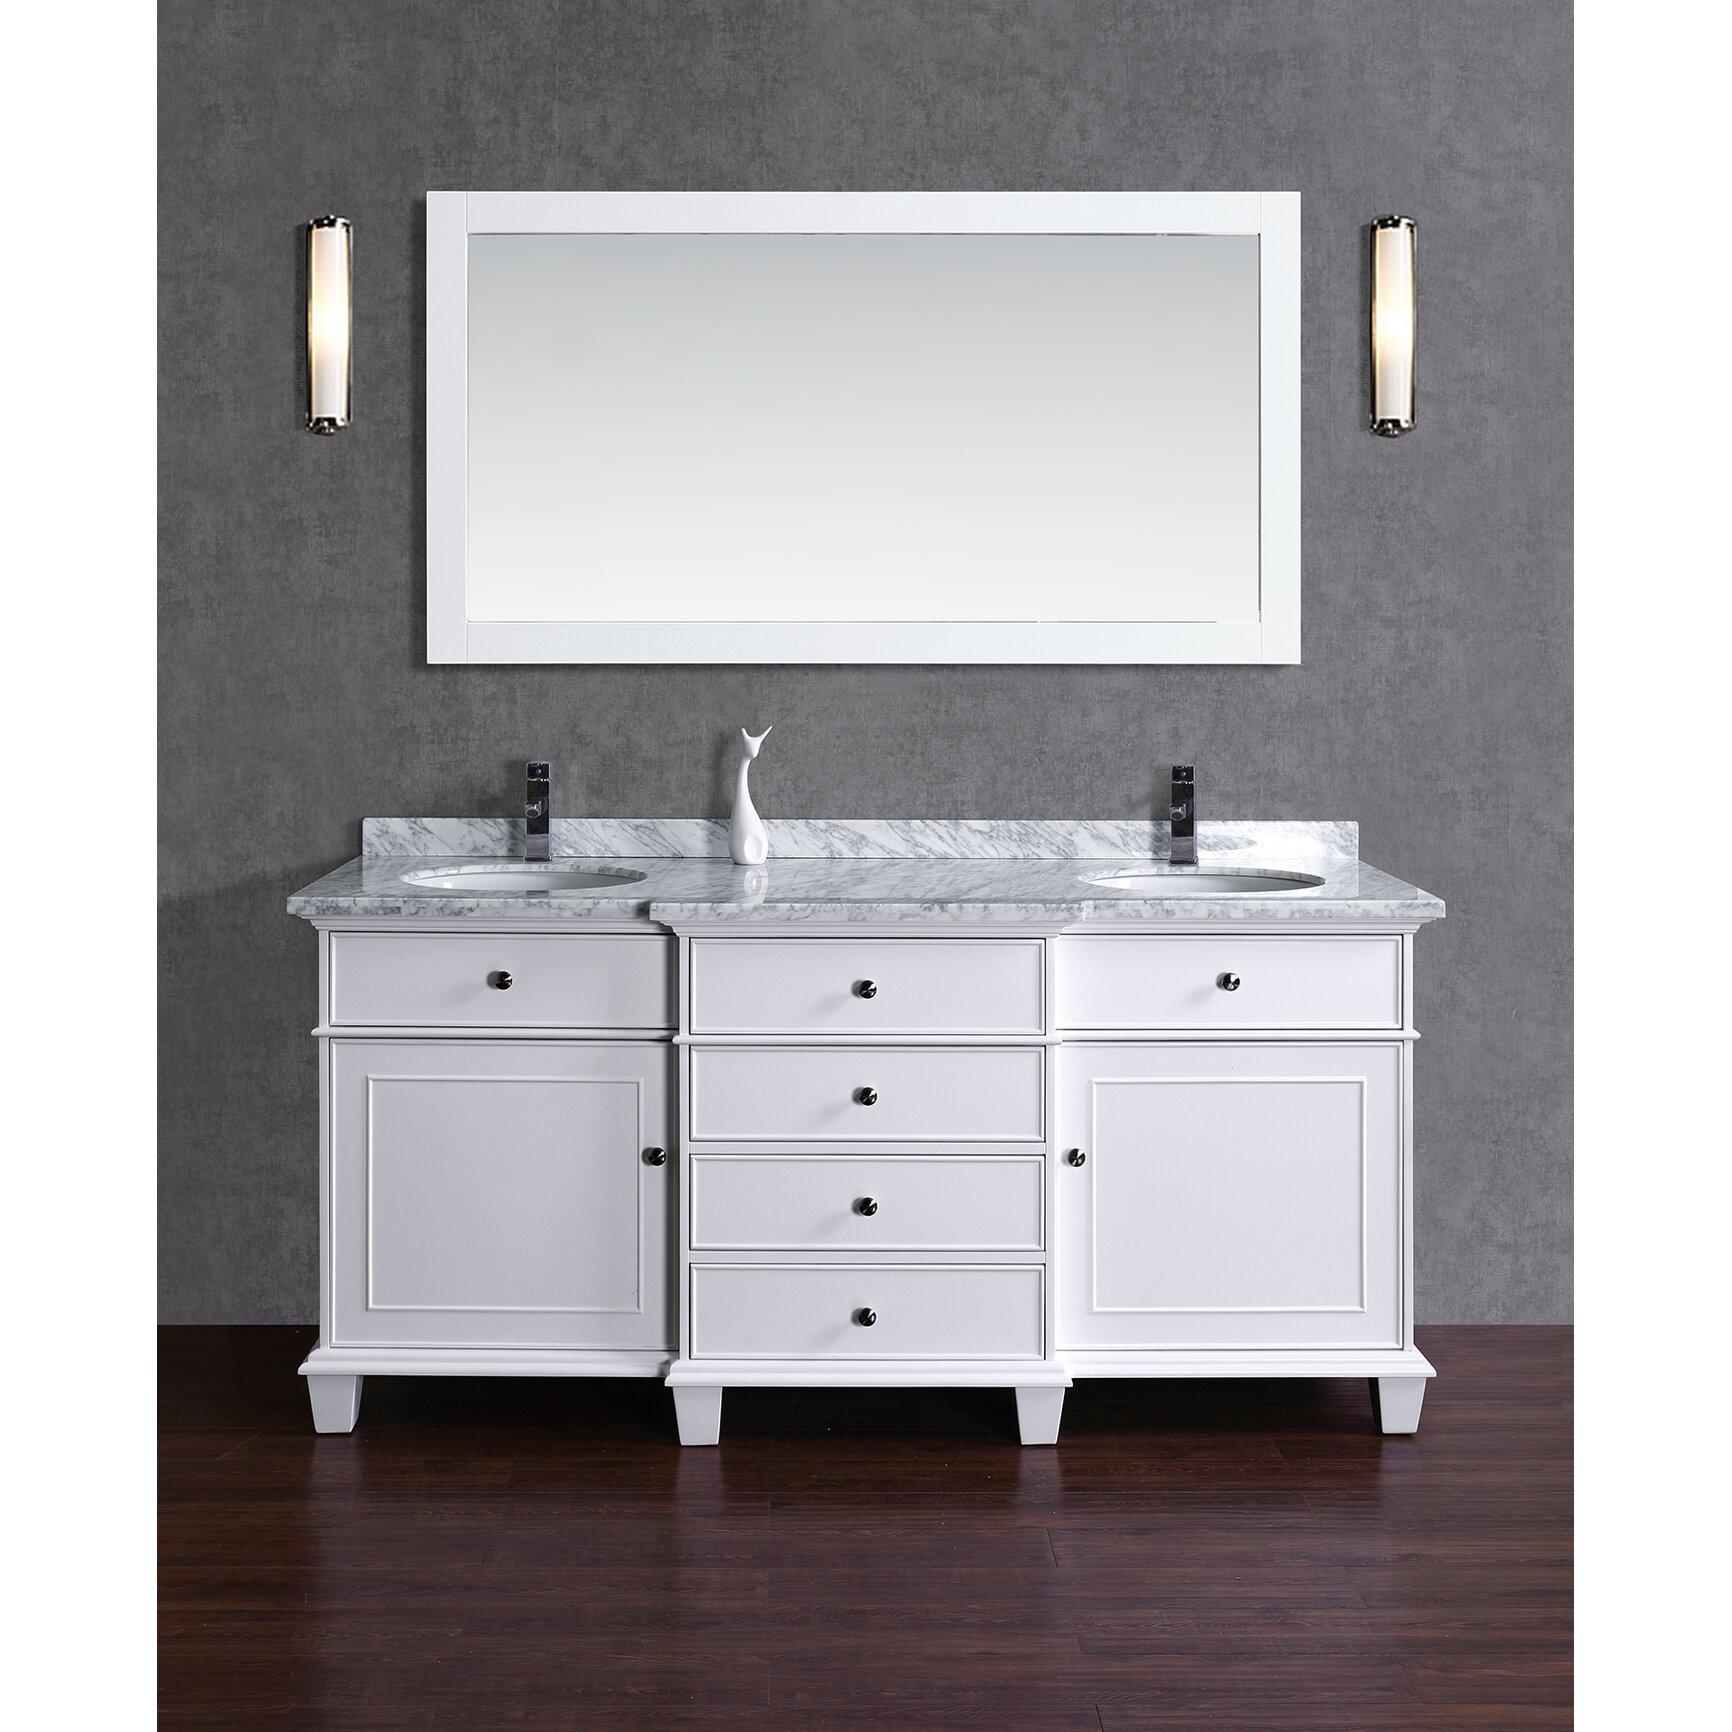 Double bathroom vanity - Dixie 72 Double Bathroom Vanity Set With Mirror